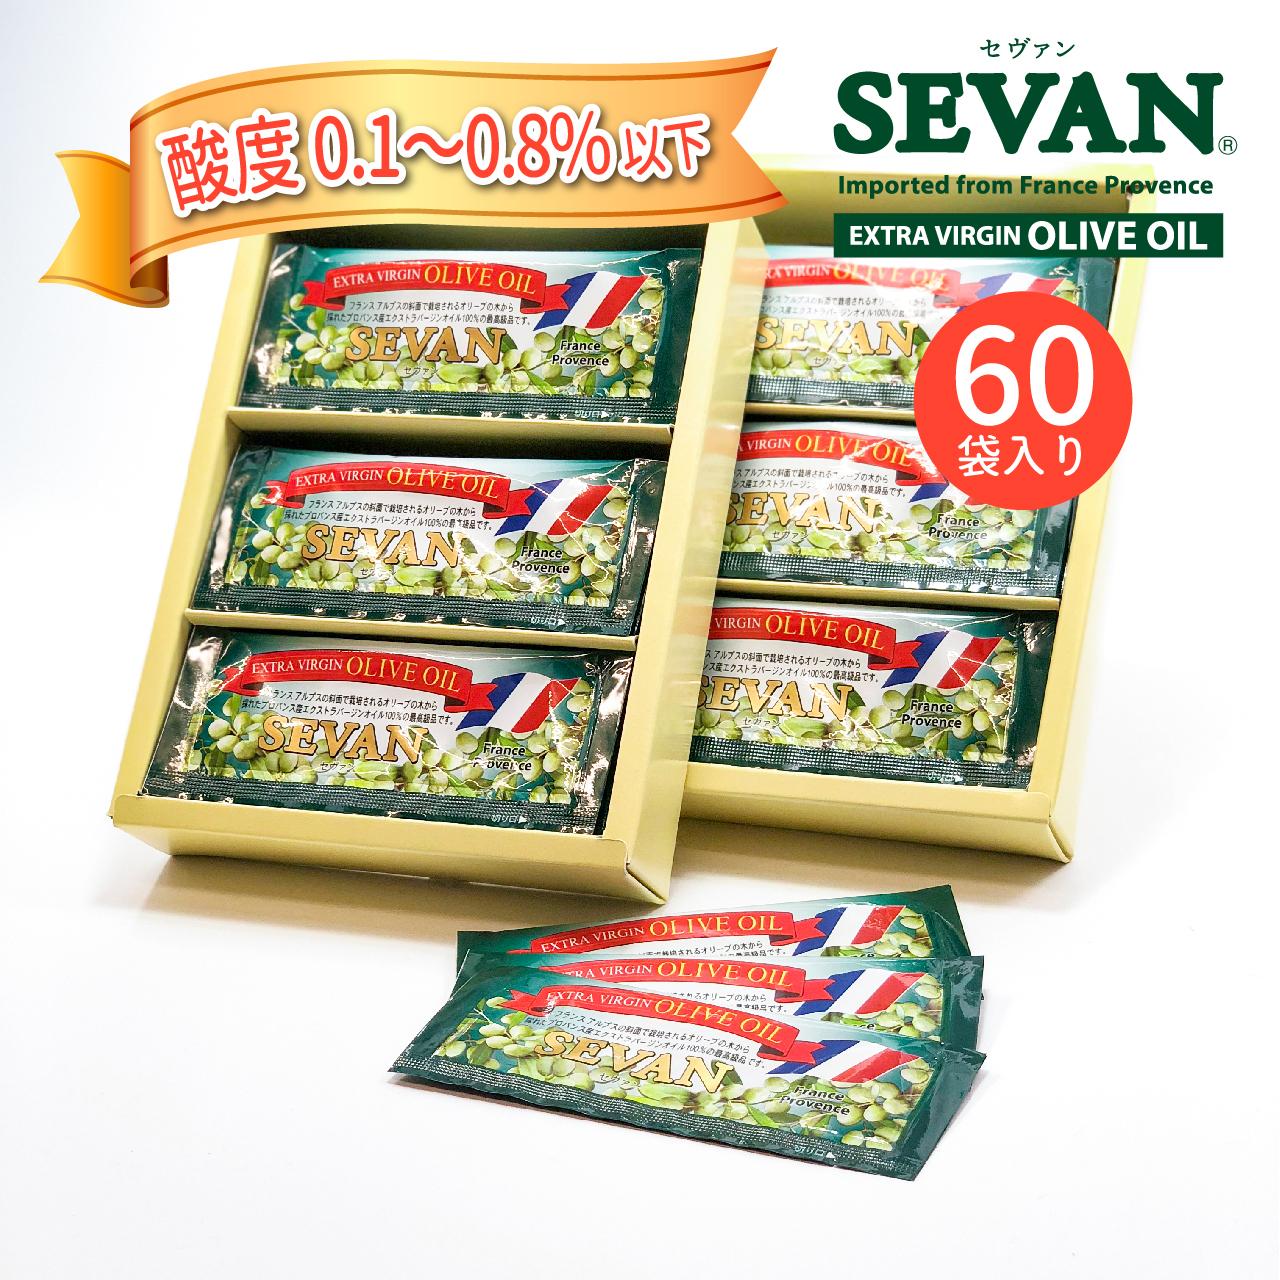 エクストラバージンオリーブオイル SEVAN-セヴァン-(5g×60袋)箱入